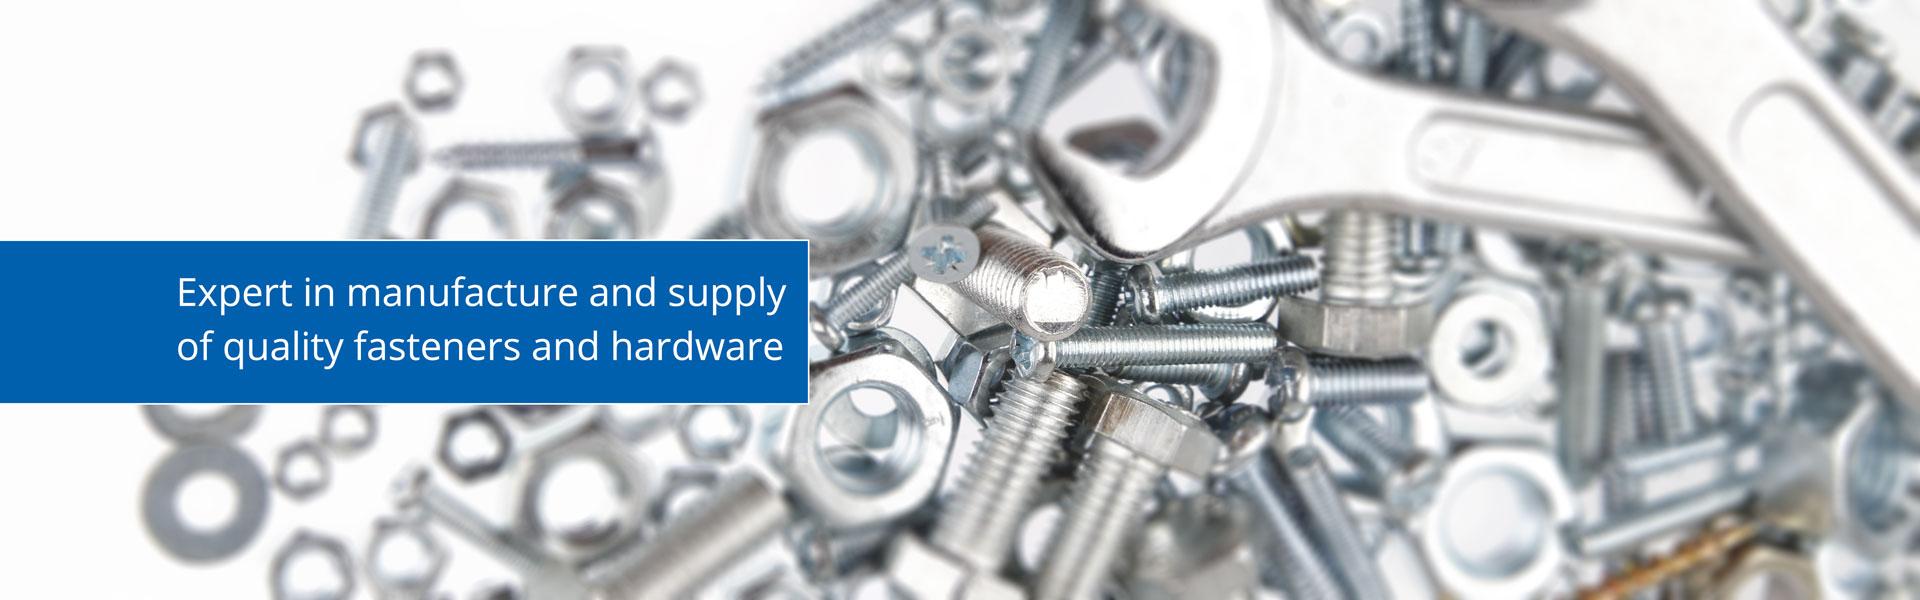 TWI Fasteners & Hardware Manufacturer Supplier